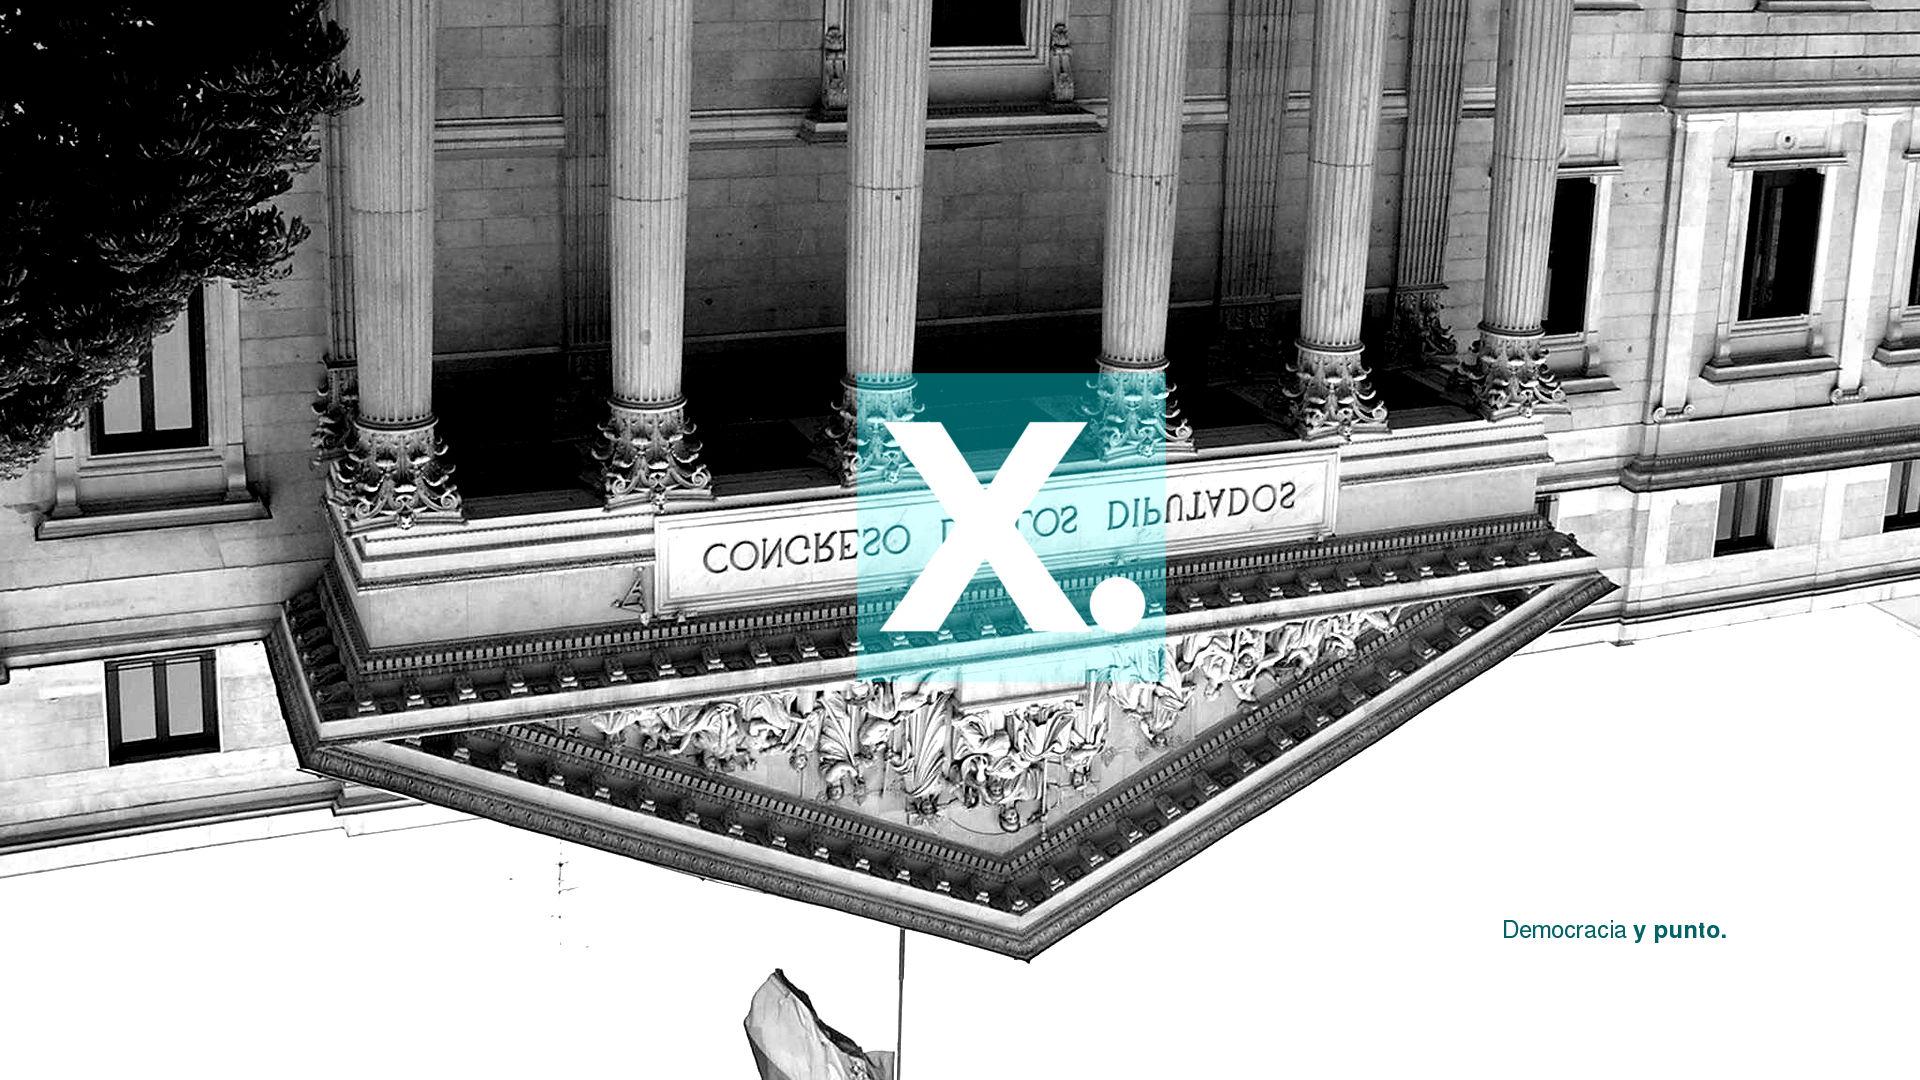 Partido X: Democracia y Punto en el congreso